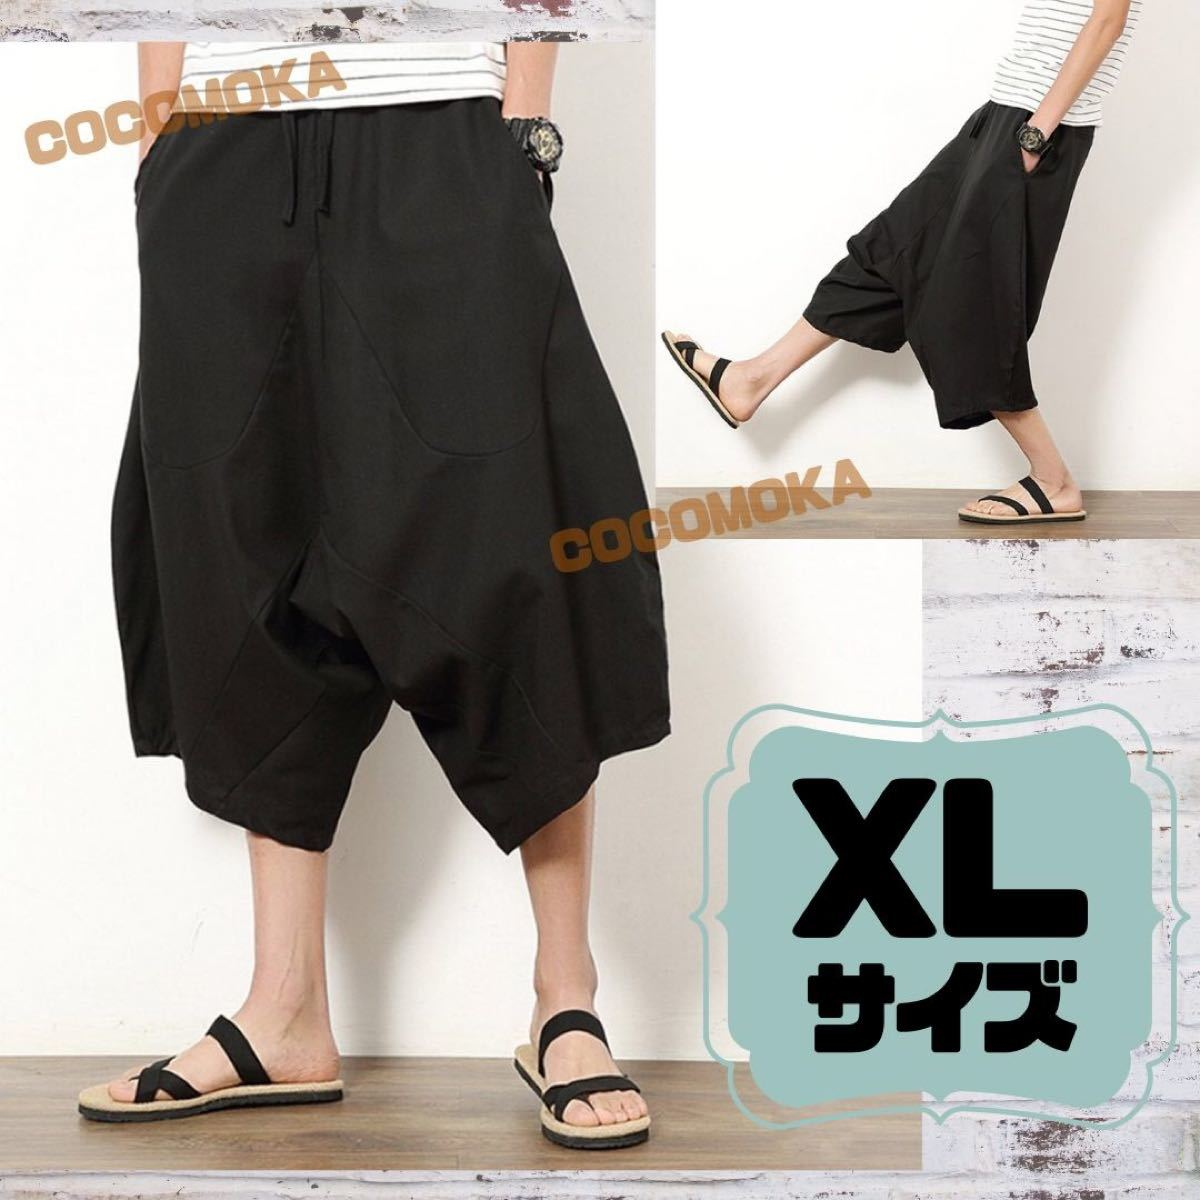 XL ブラック バルーンシルエット メンズ パンツ クロップド サルエルパンツ